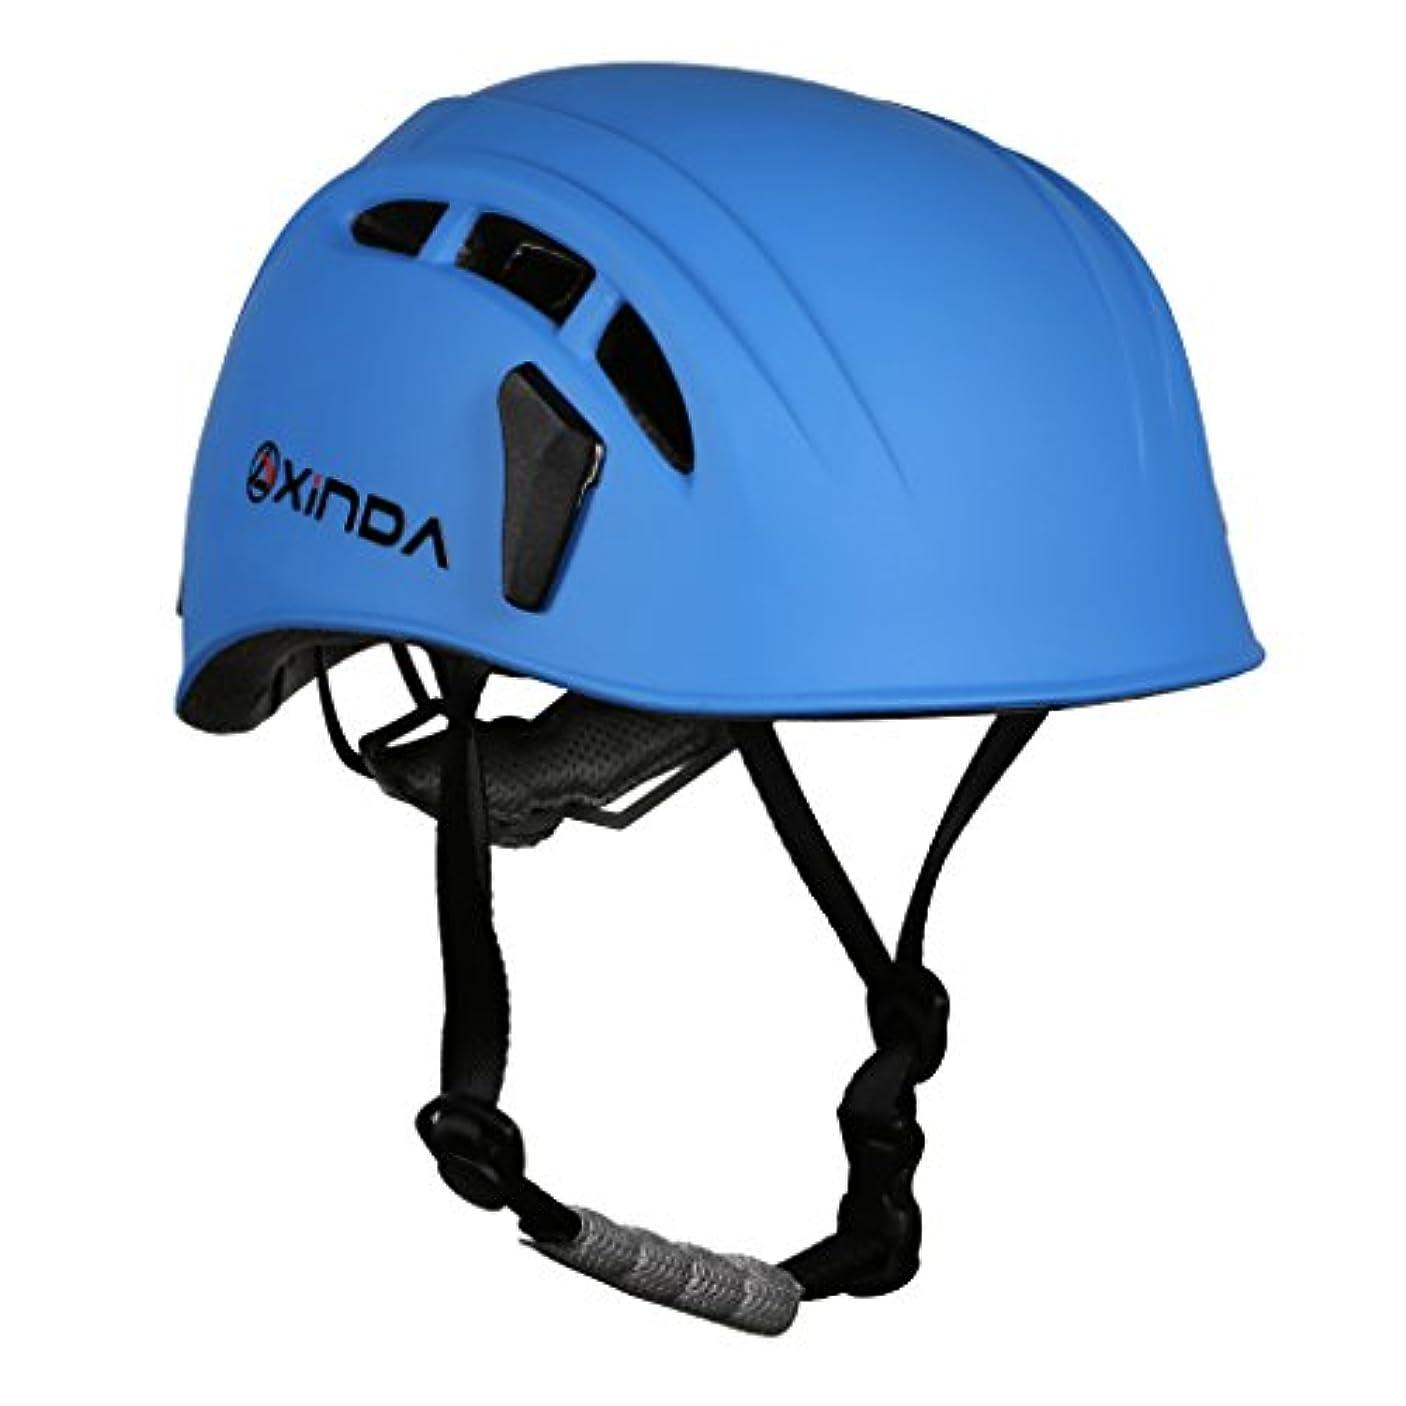 代表困惑蒸し器SunniMix ヘルメット 保護用 通気孔 防護帽 7色選択 登山 クライミング キャンプ アウトドア ハーフドーム 快適 洞窟探検 救援 軽量